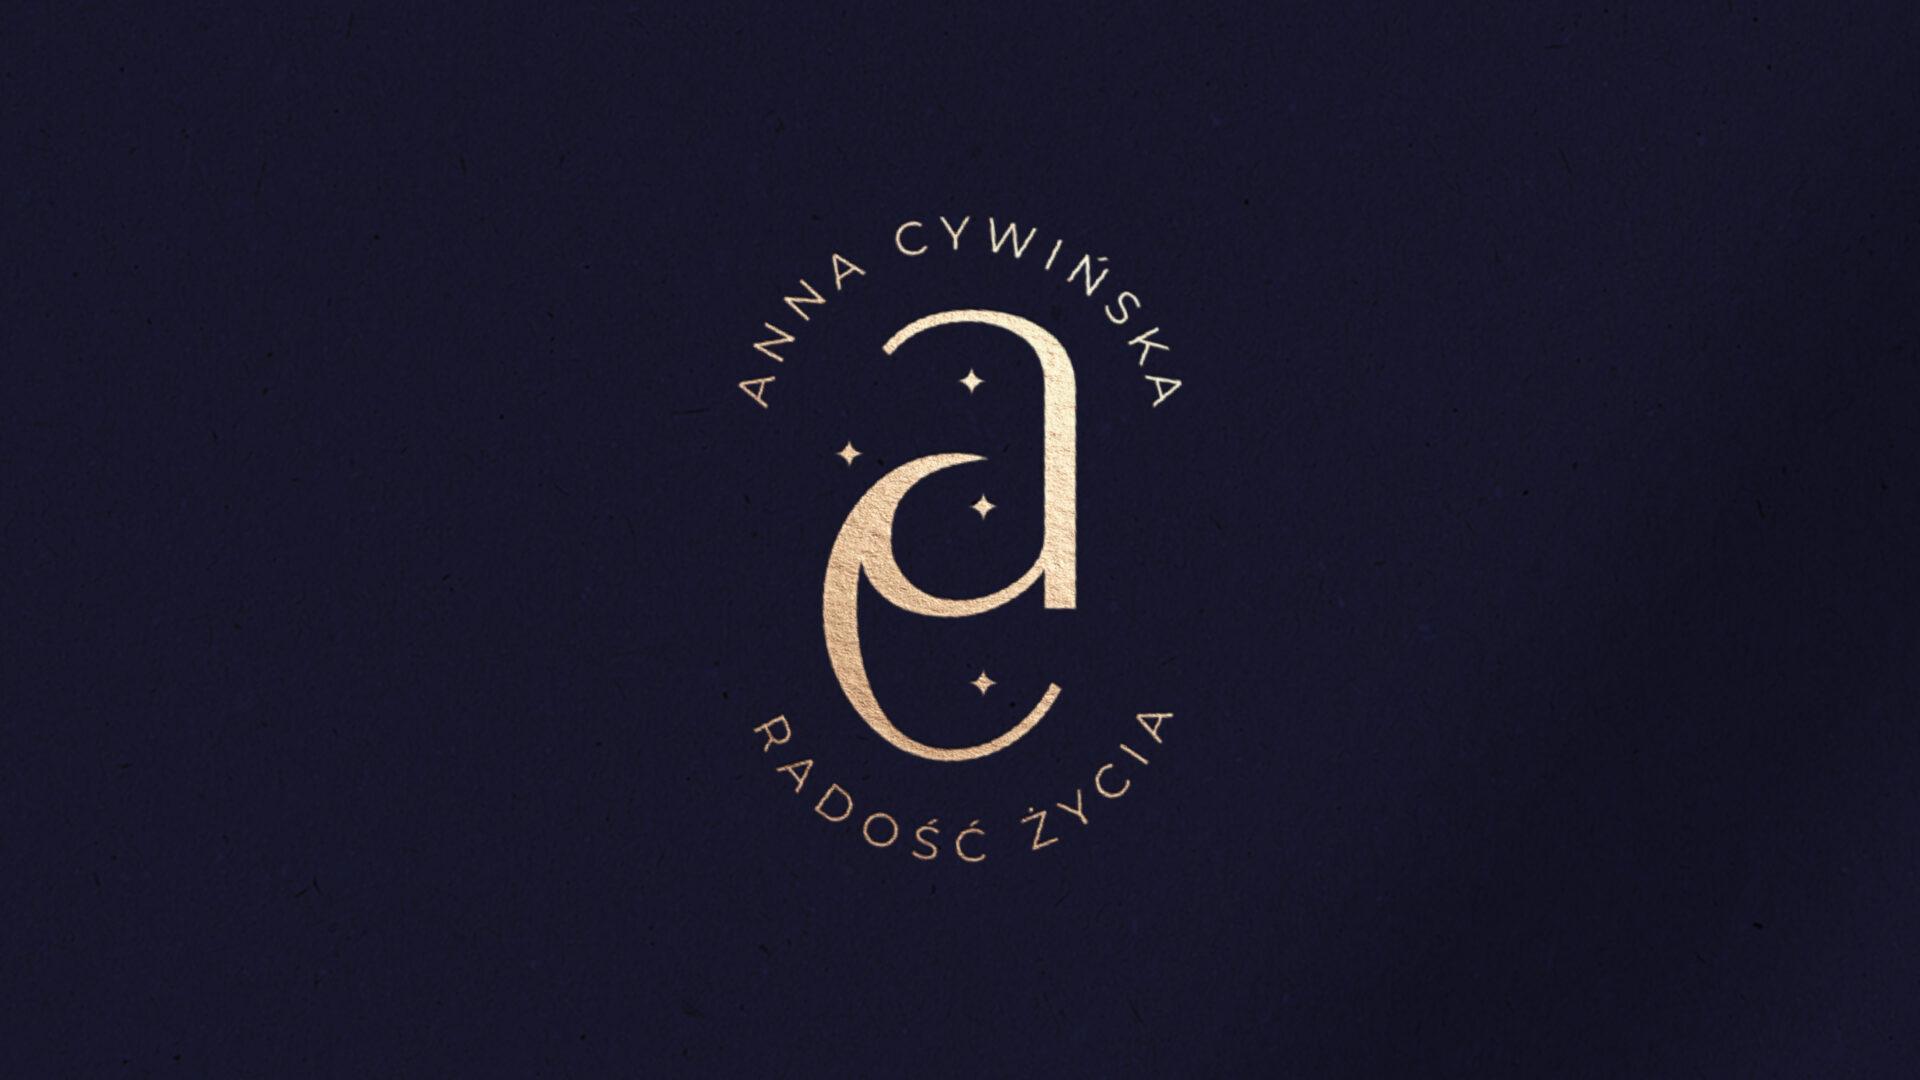 Anna Cywińska logo